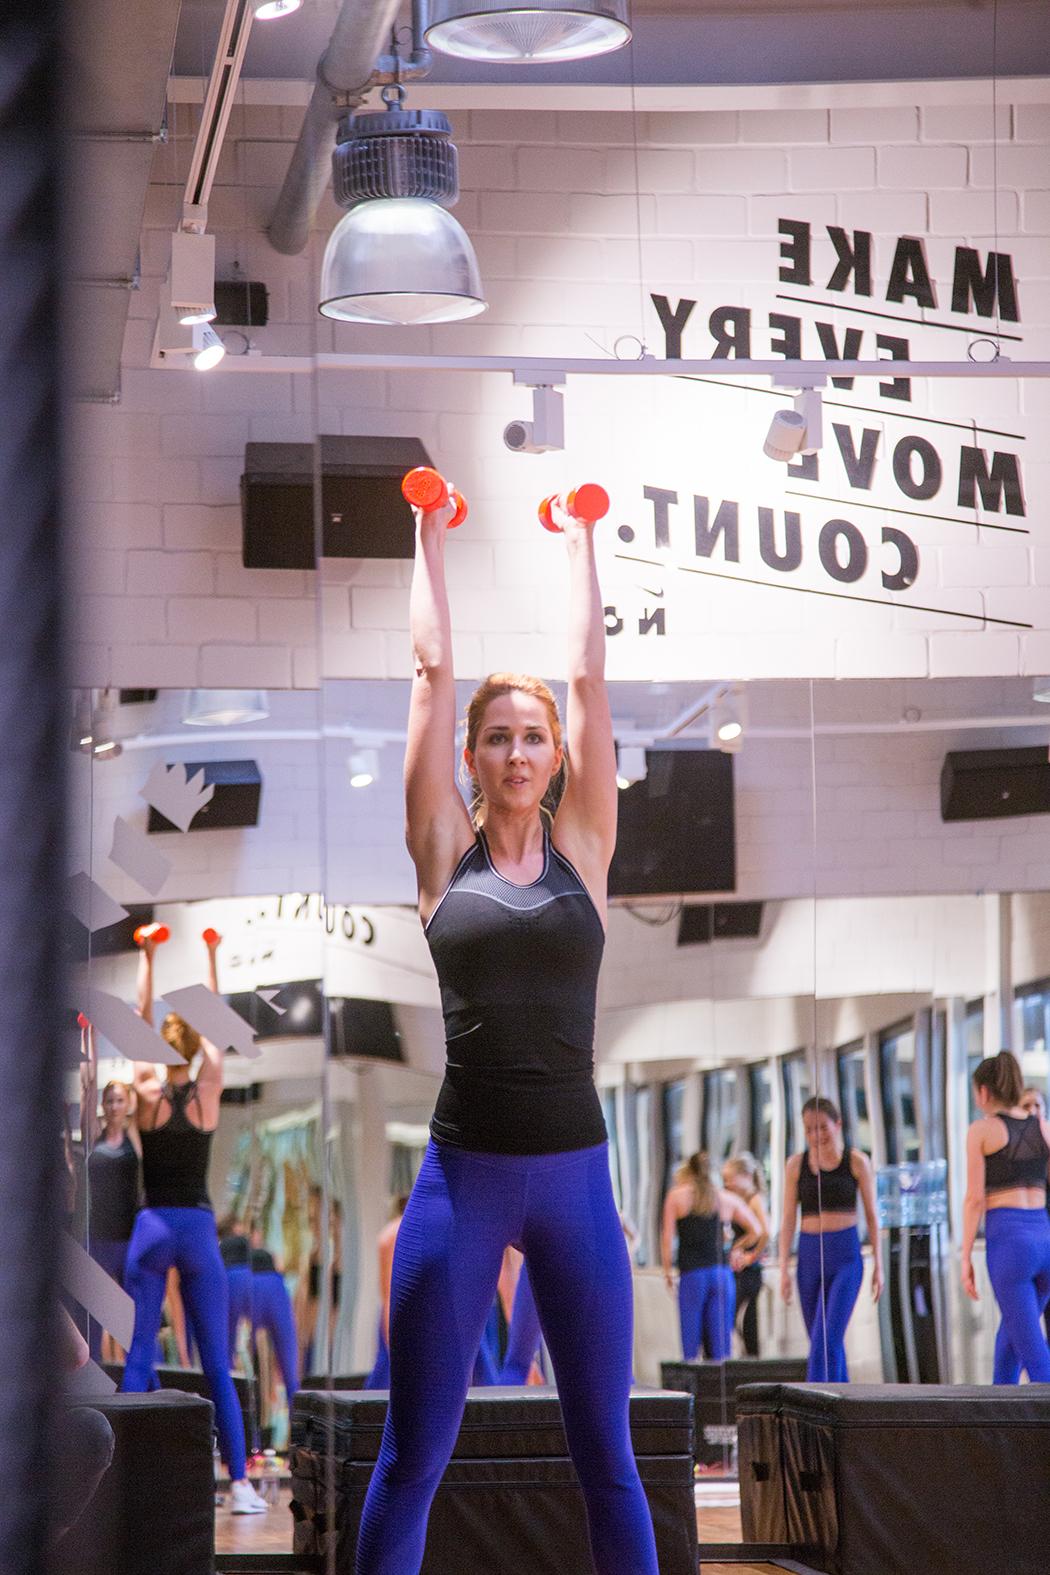 Fitnessblog-Fitnessblogger-Fitness-Blog-Blogger-Muenchen-Berlin-Deutschland-Alex_Hipwell-Trainer-HIT-Workout-NTC-Lindarella-3